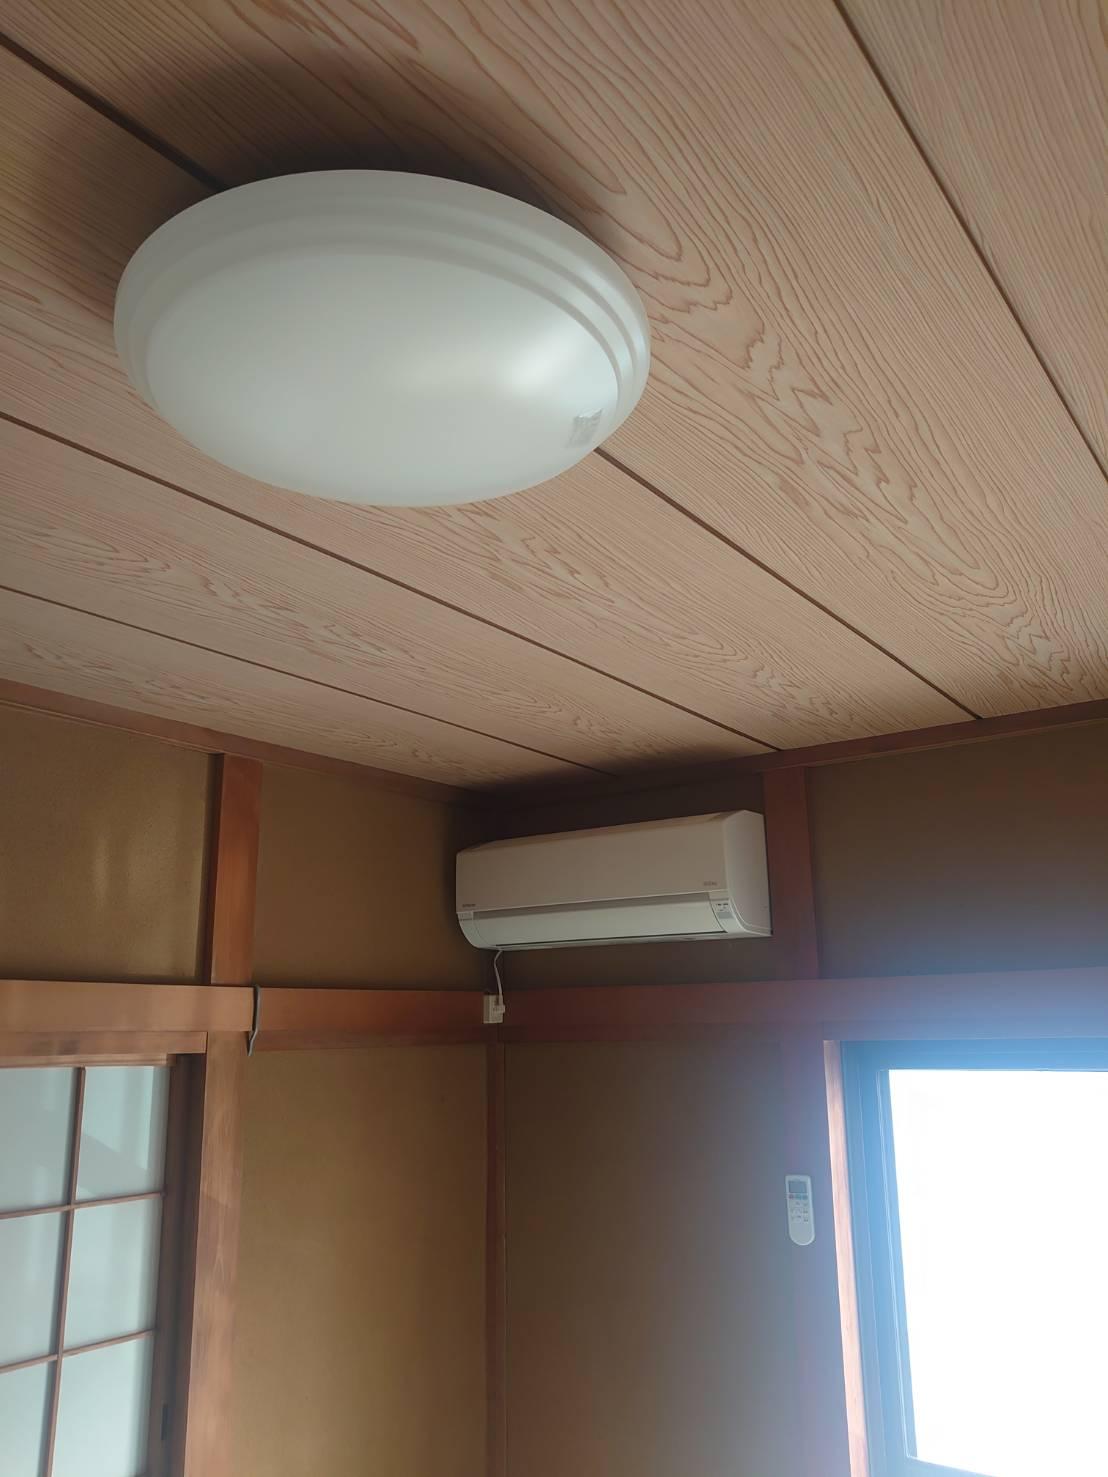 エアコン新設工事、穴あけも慎重に行います。LEDシーリングライトで空間も広がります!